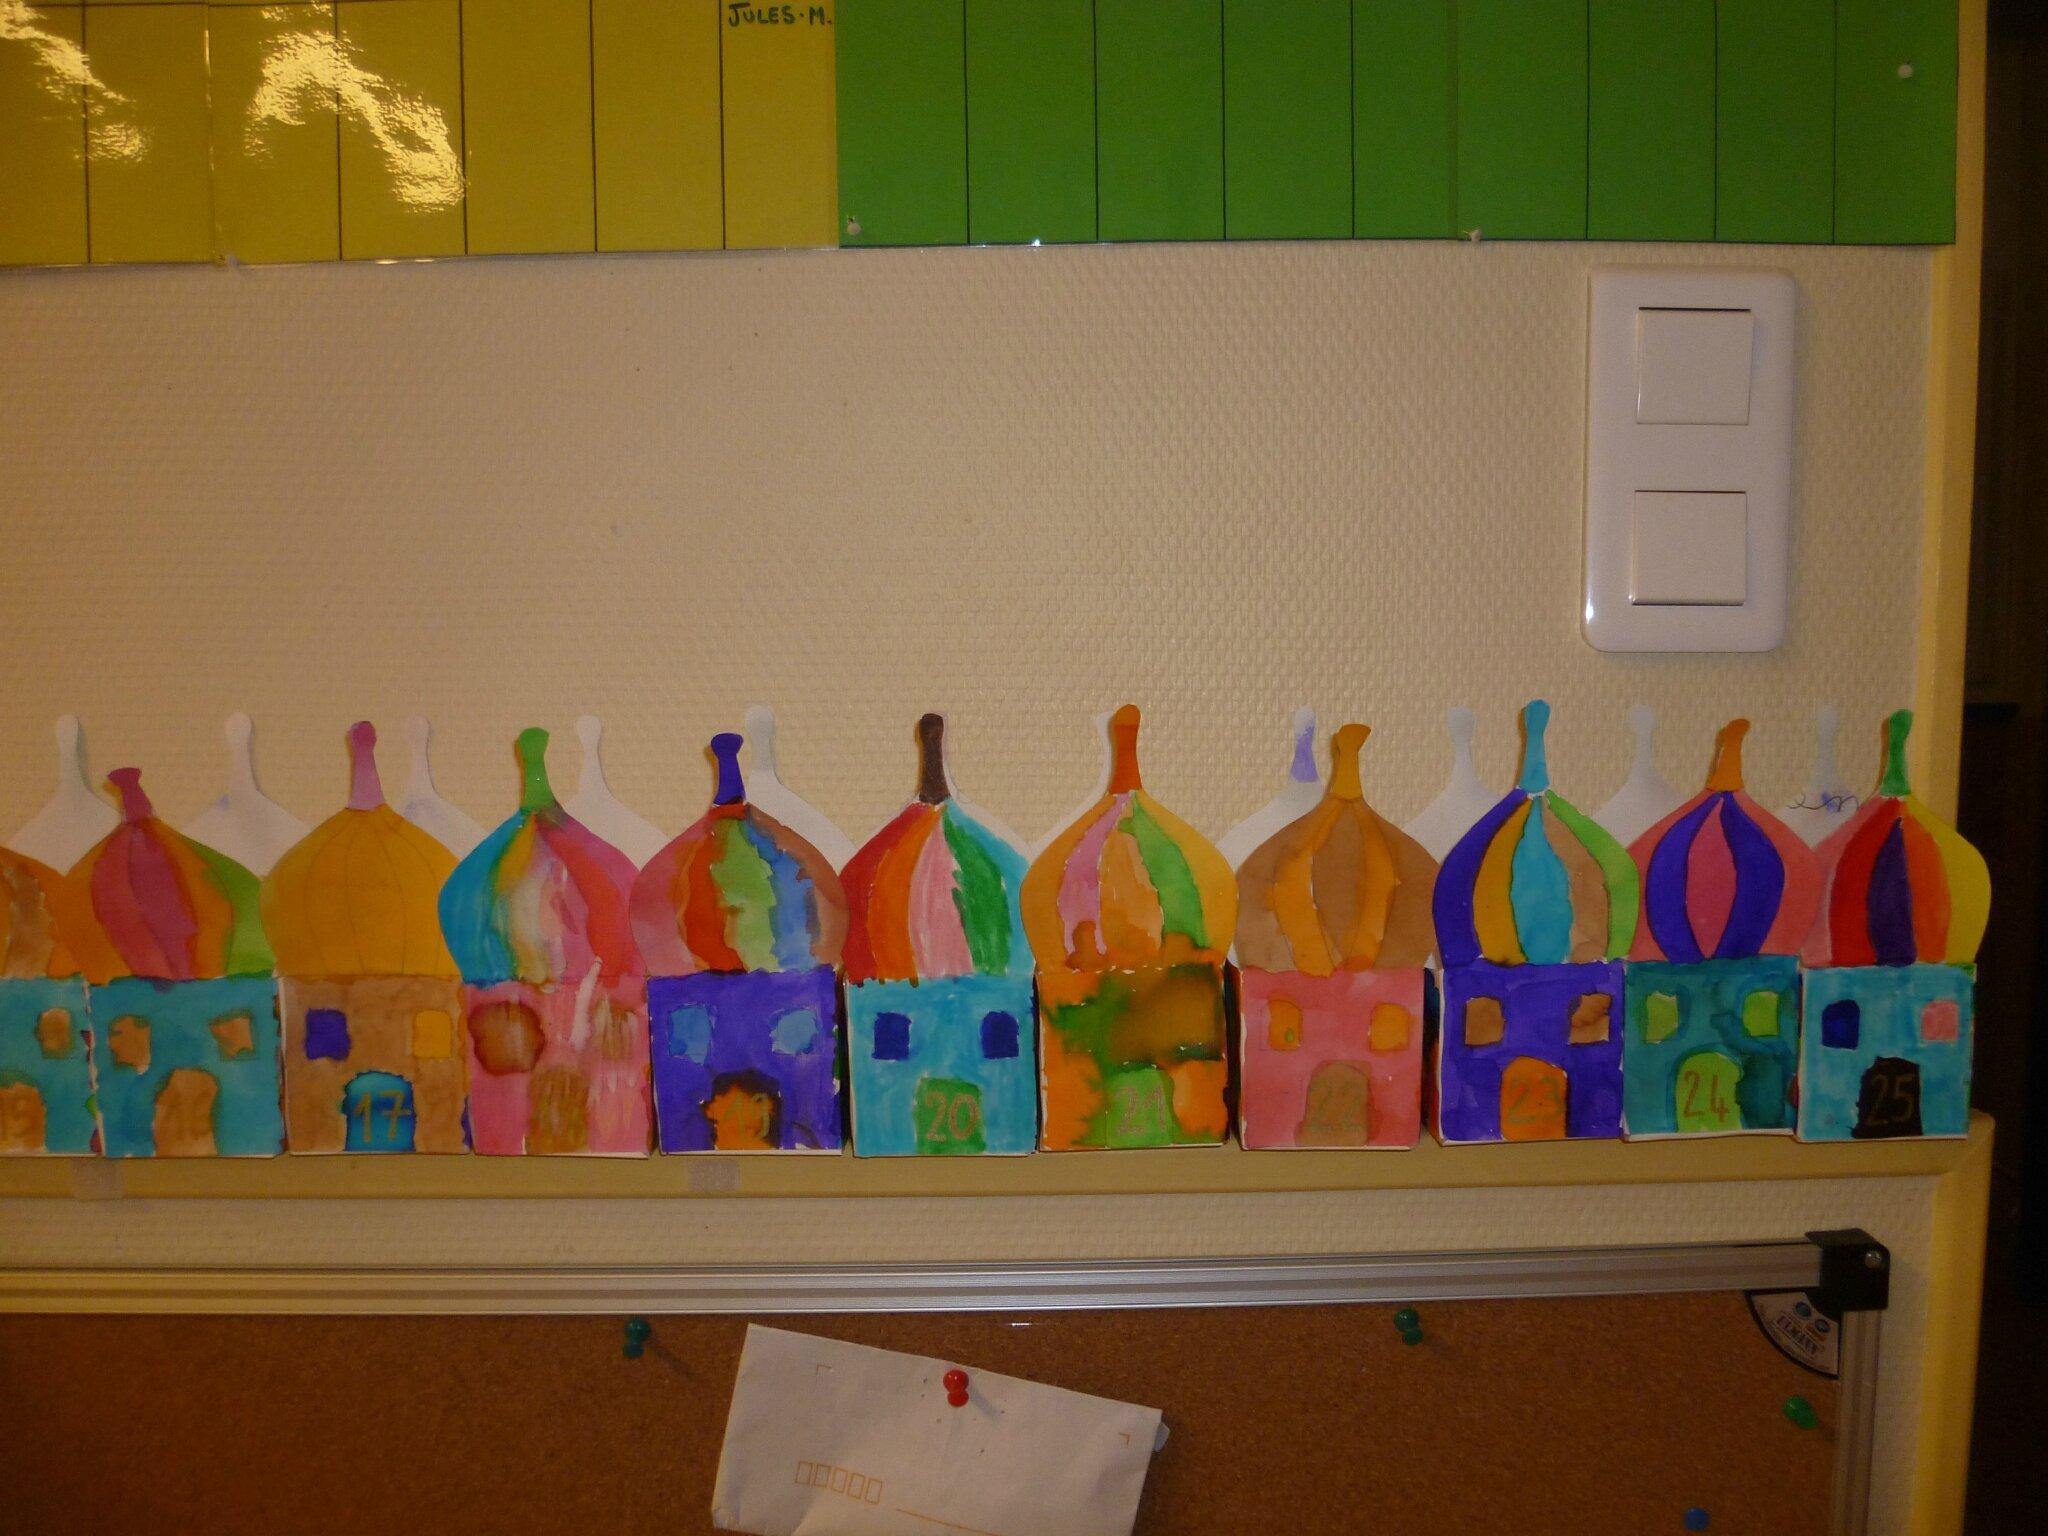 Calendrier de l 39 avent 2012 l 39 cole c 39 est classe for Arts et decoration abonnement